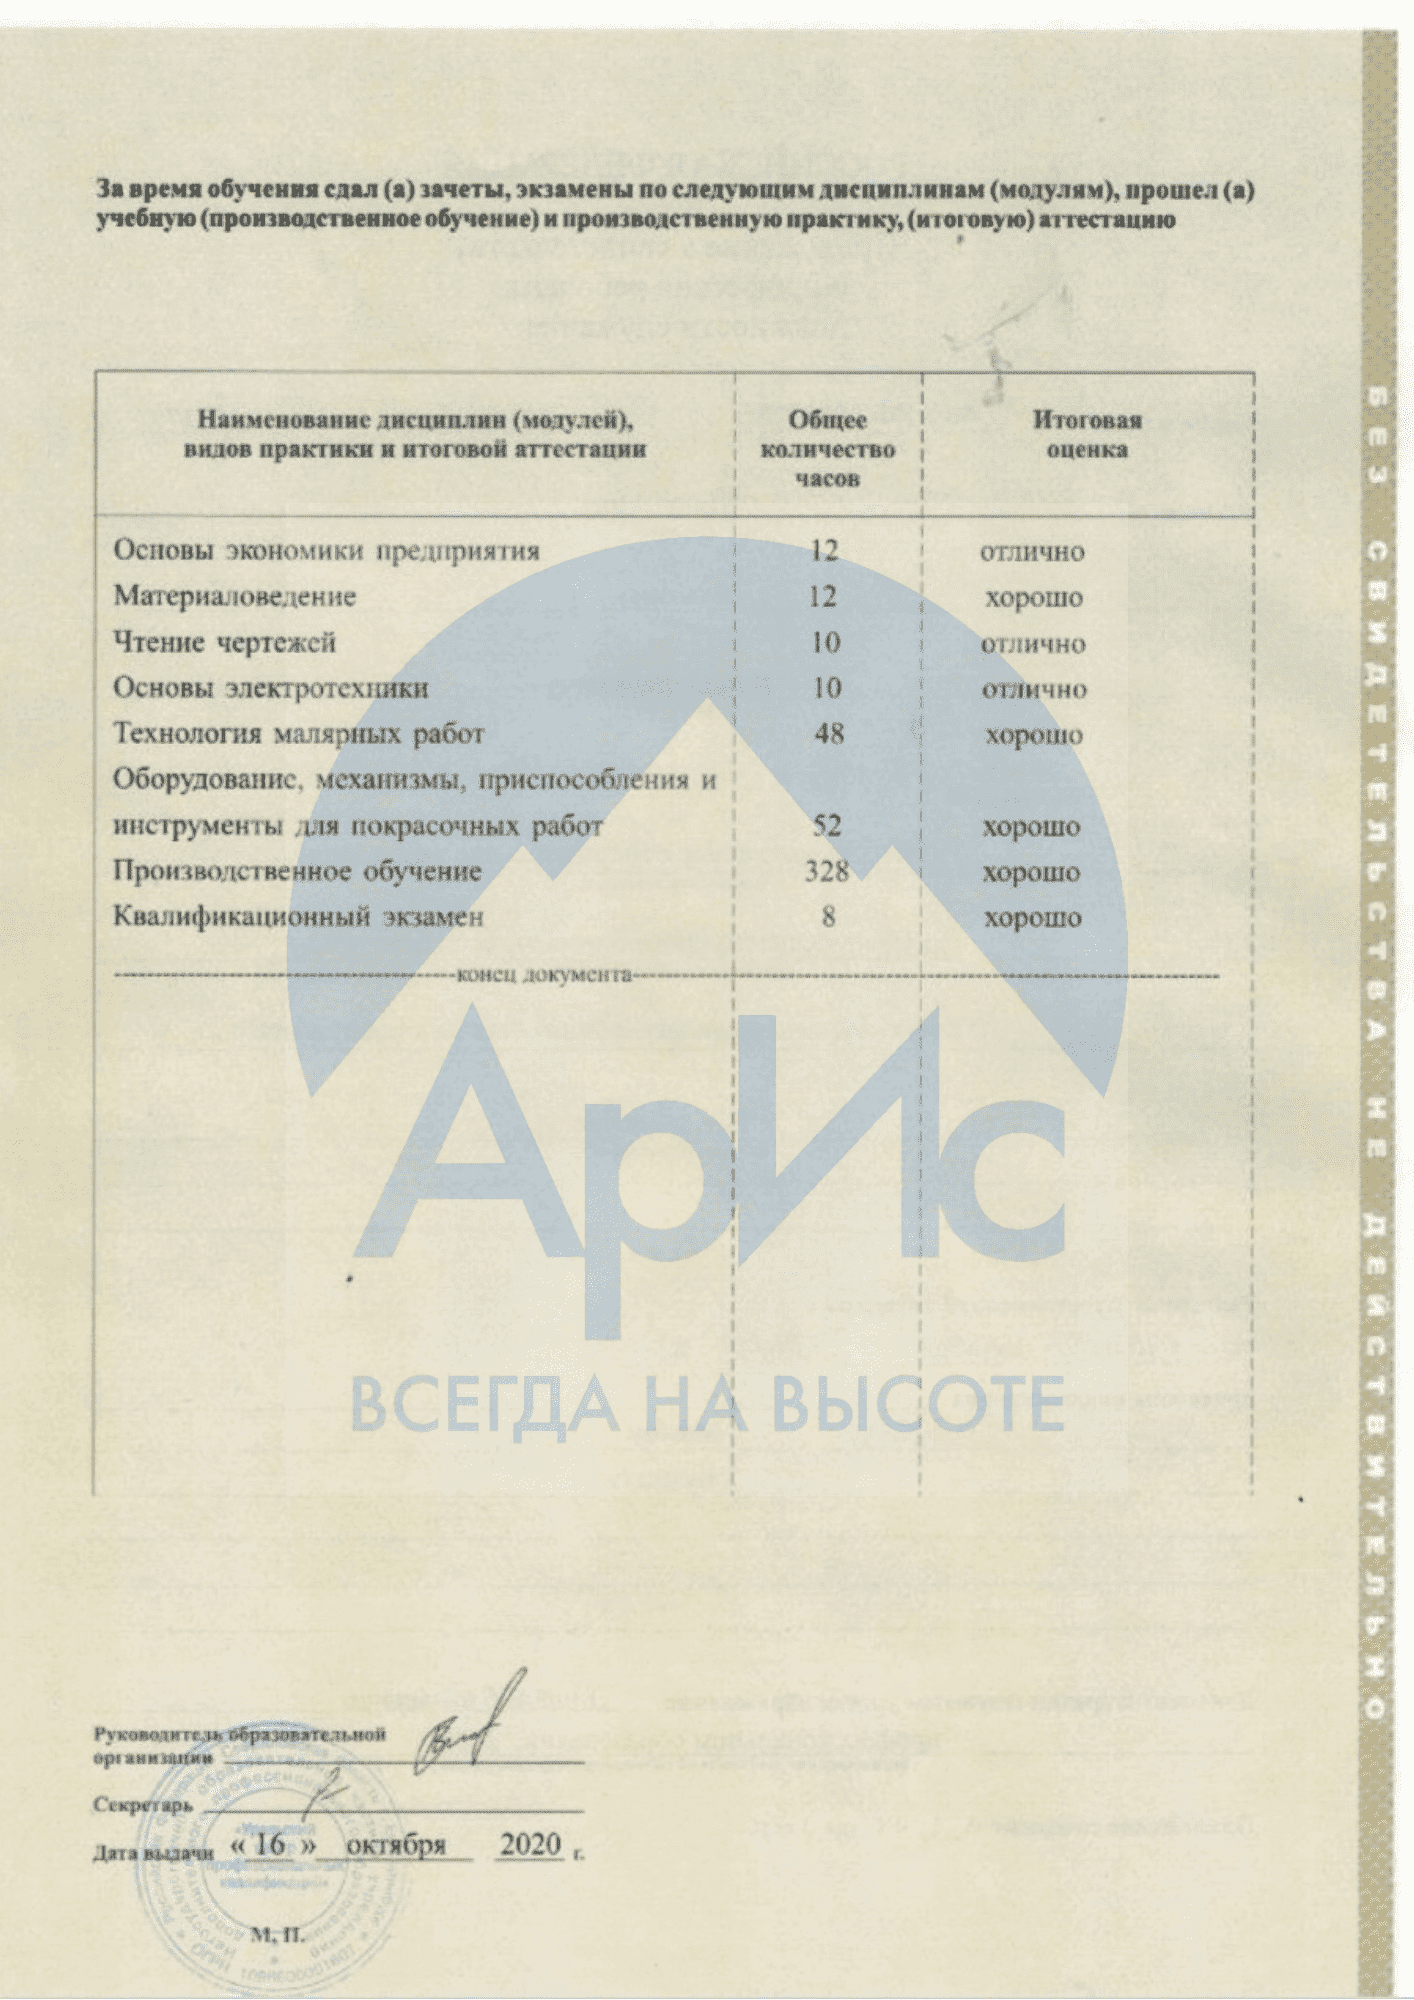 Промышленный альпинист: Шакроков М.В (2 стр.)